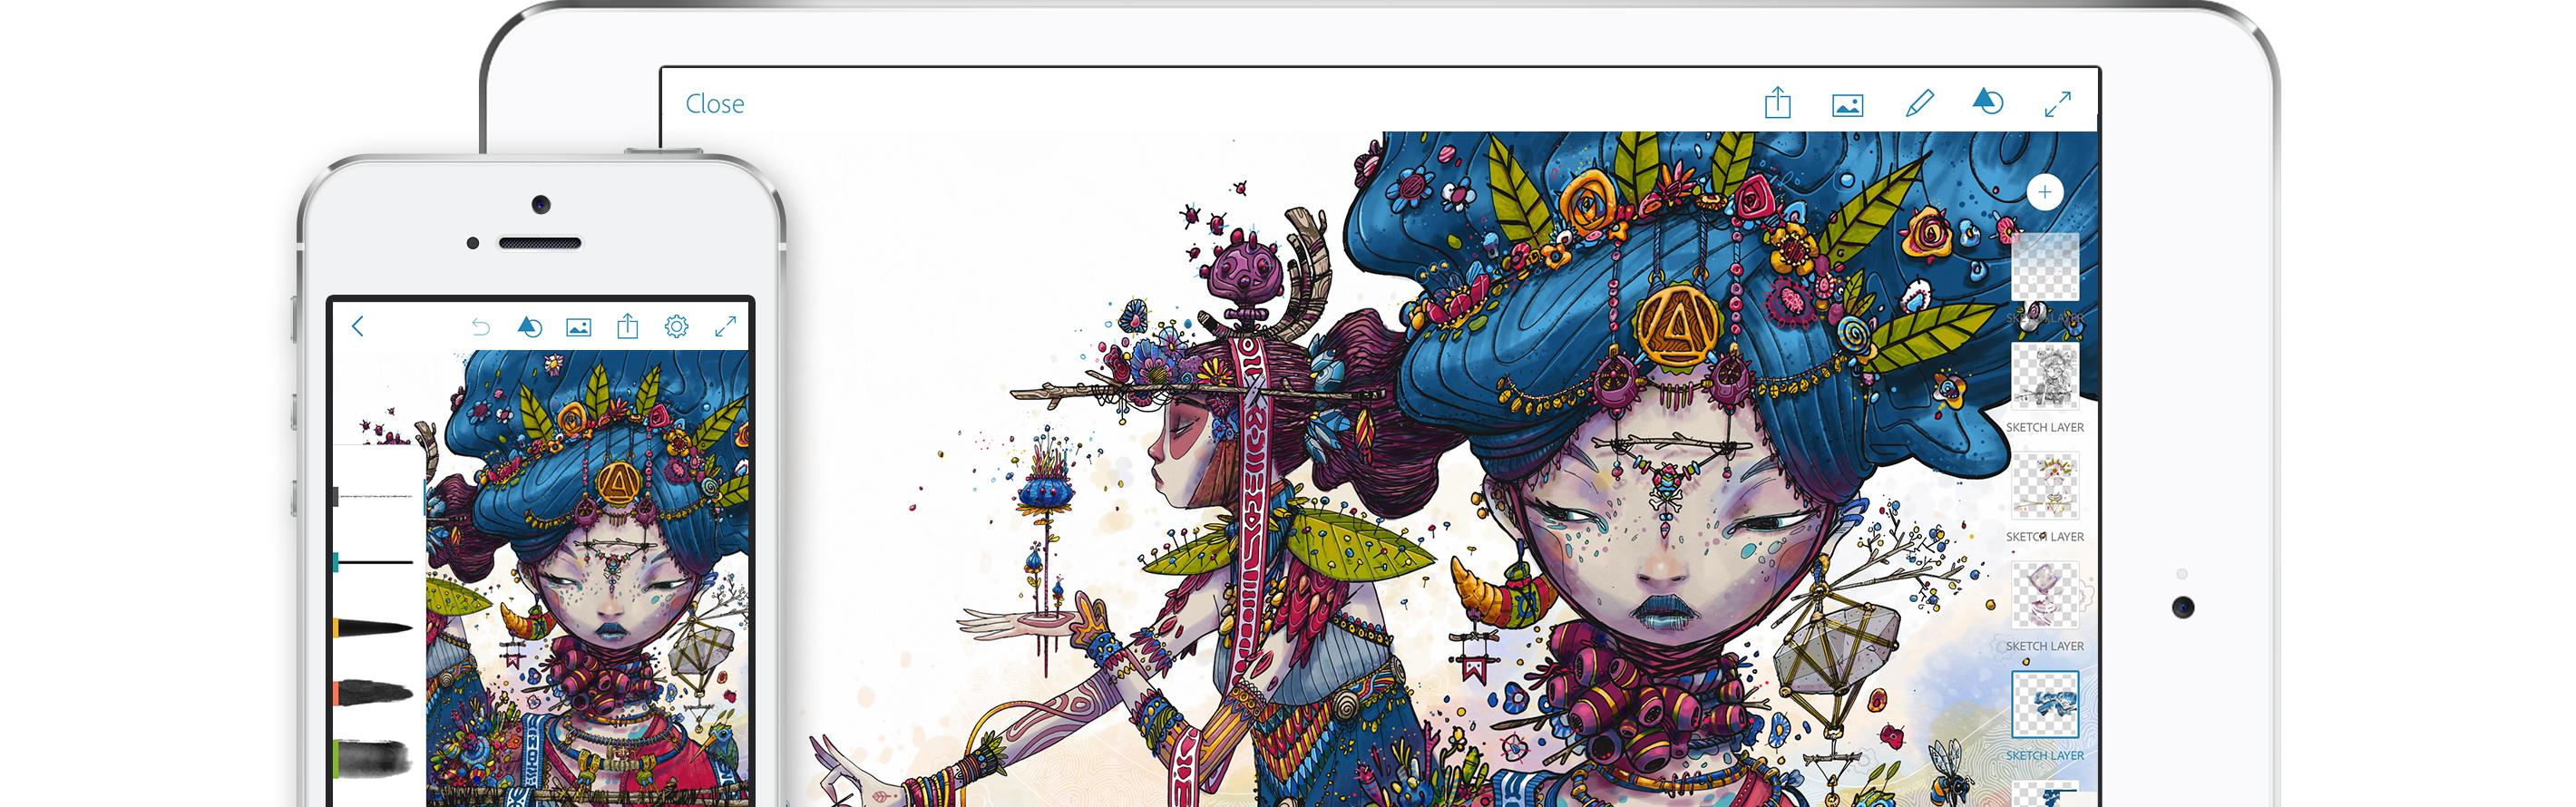 sketch-mobile-marquee.jpg.img.jpg